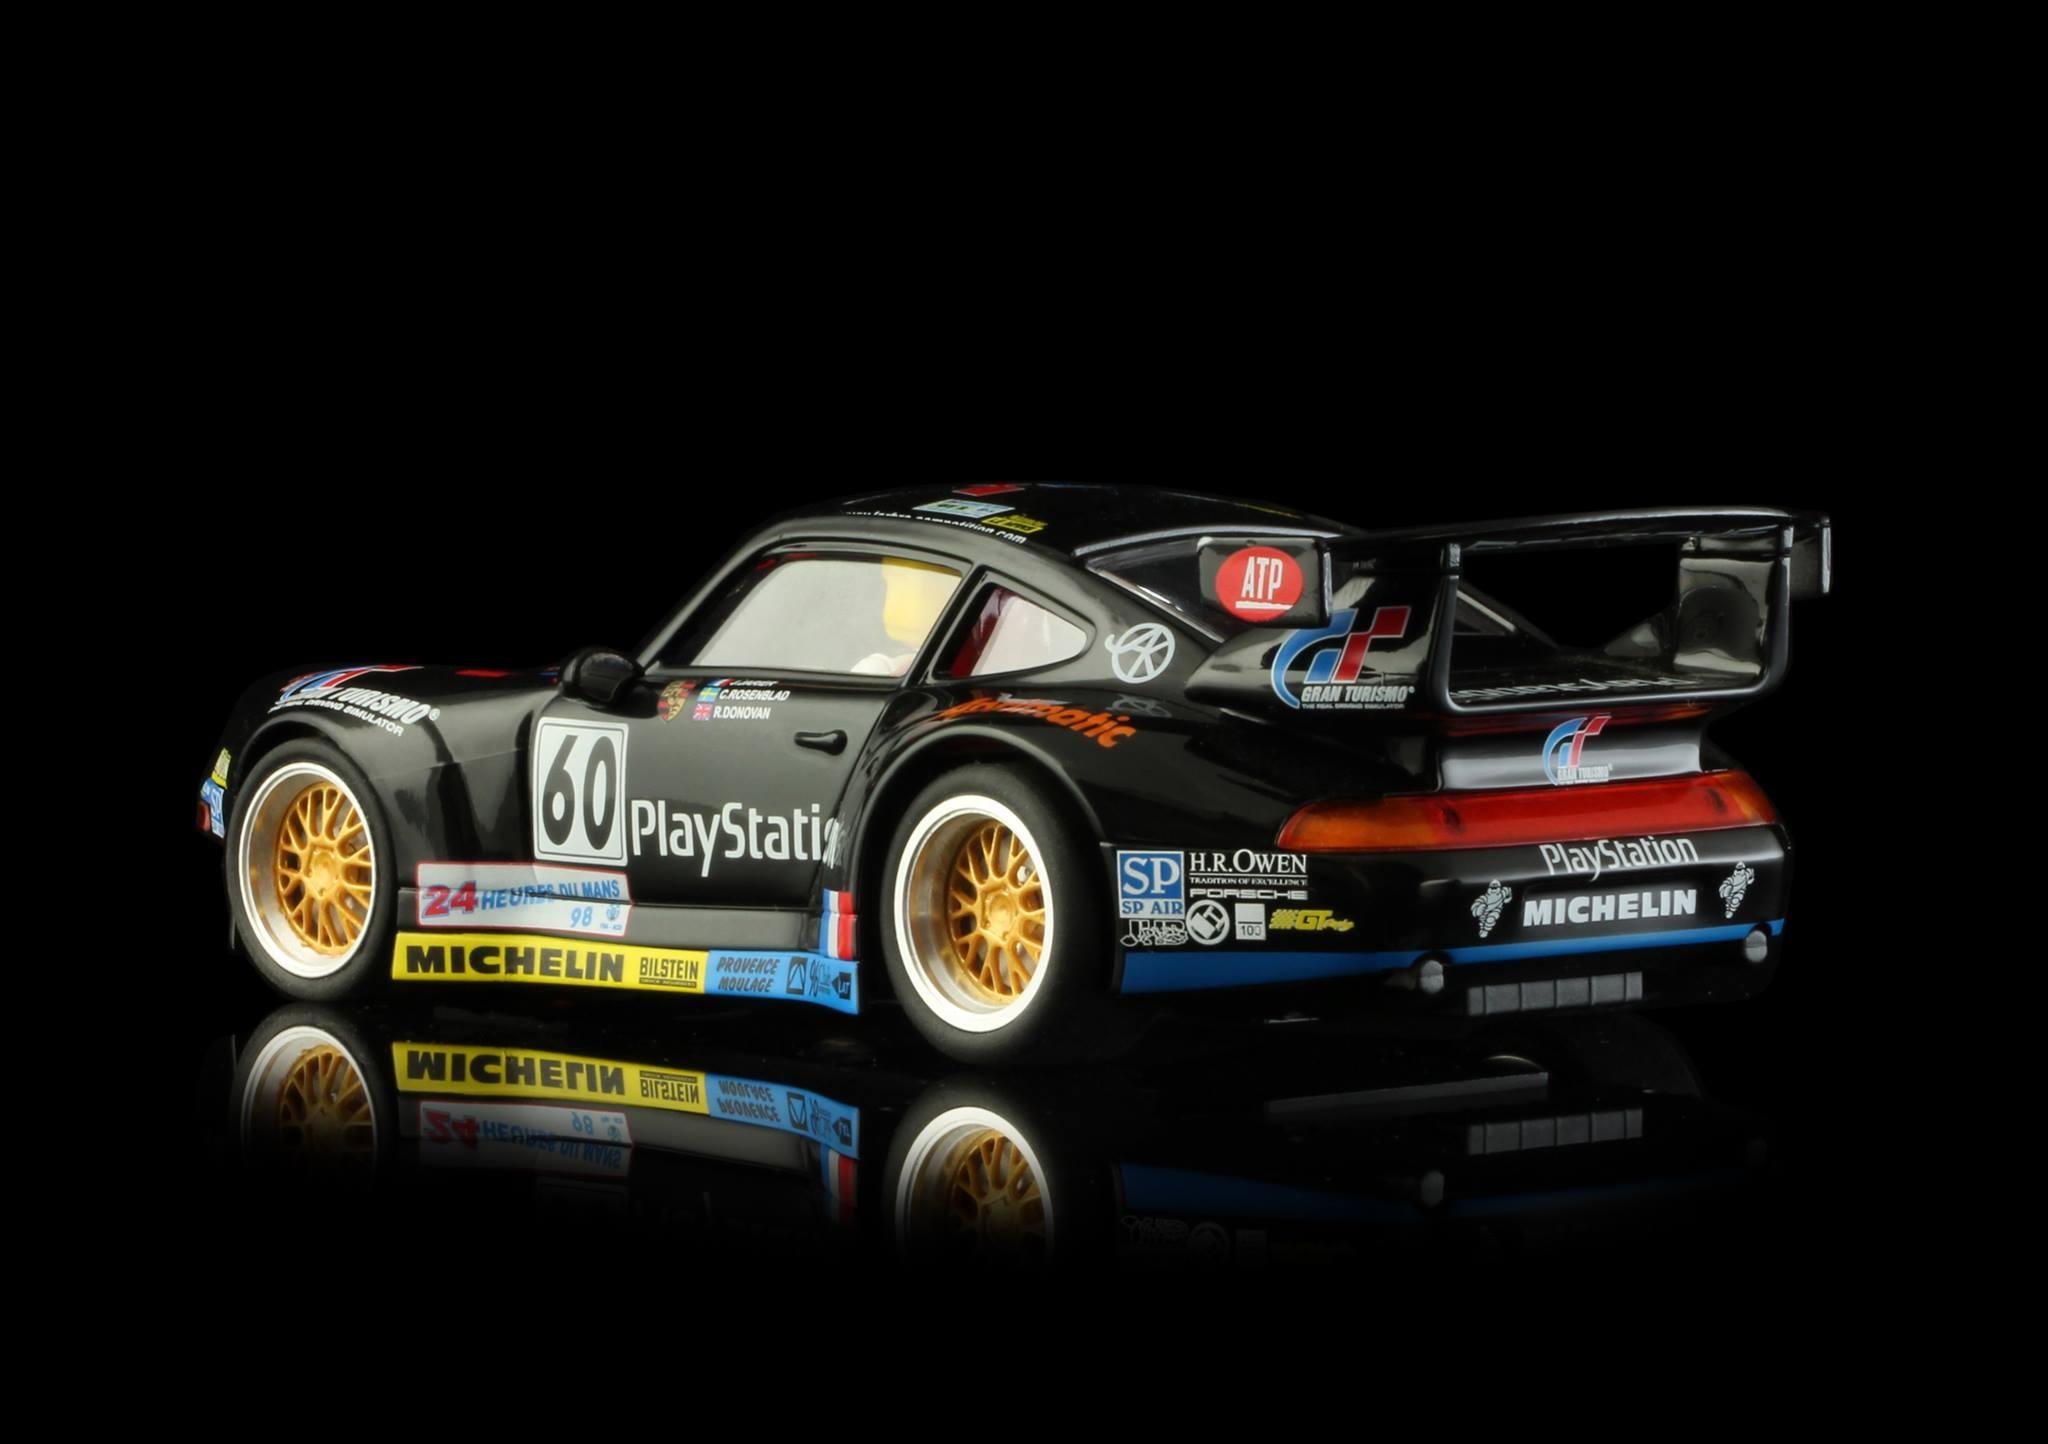 PORSCHE – 911 GT2 PLAYSTATION Team Labre Competition #60 Le Mans 1998